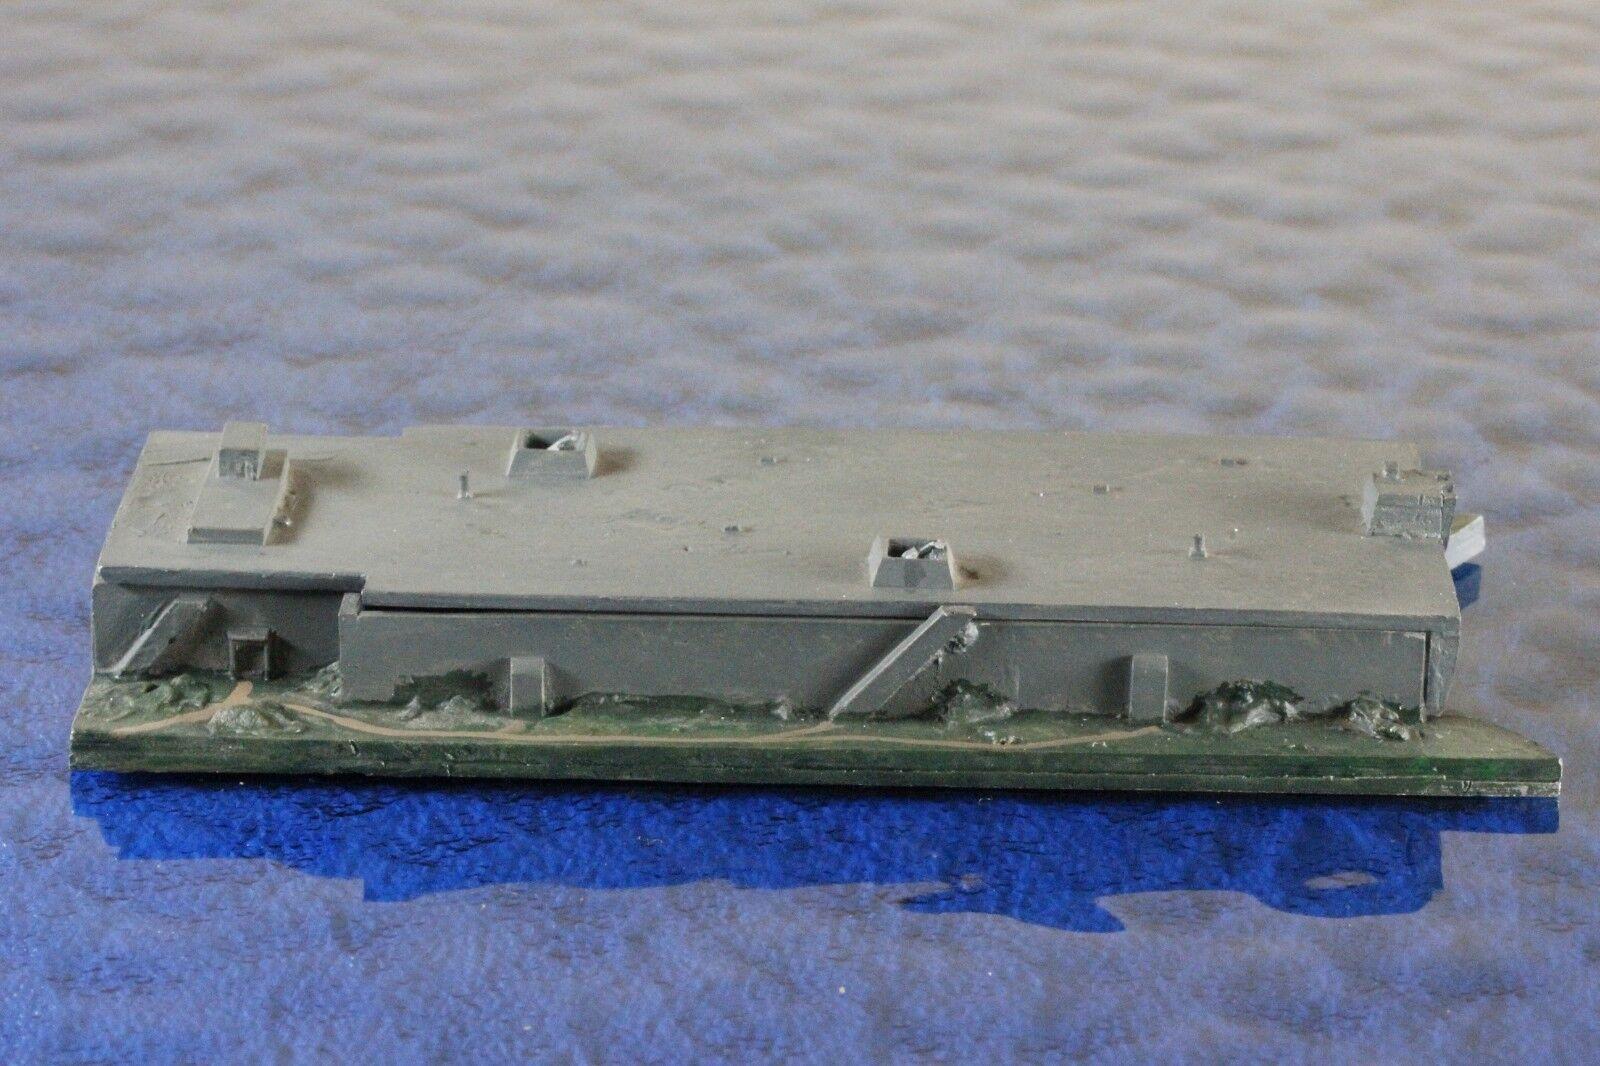 U-Boat Bunker Scorf manufacturer Welfia 20, 1 1250 Ship Model